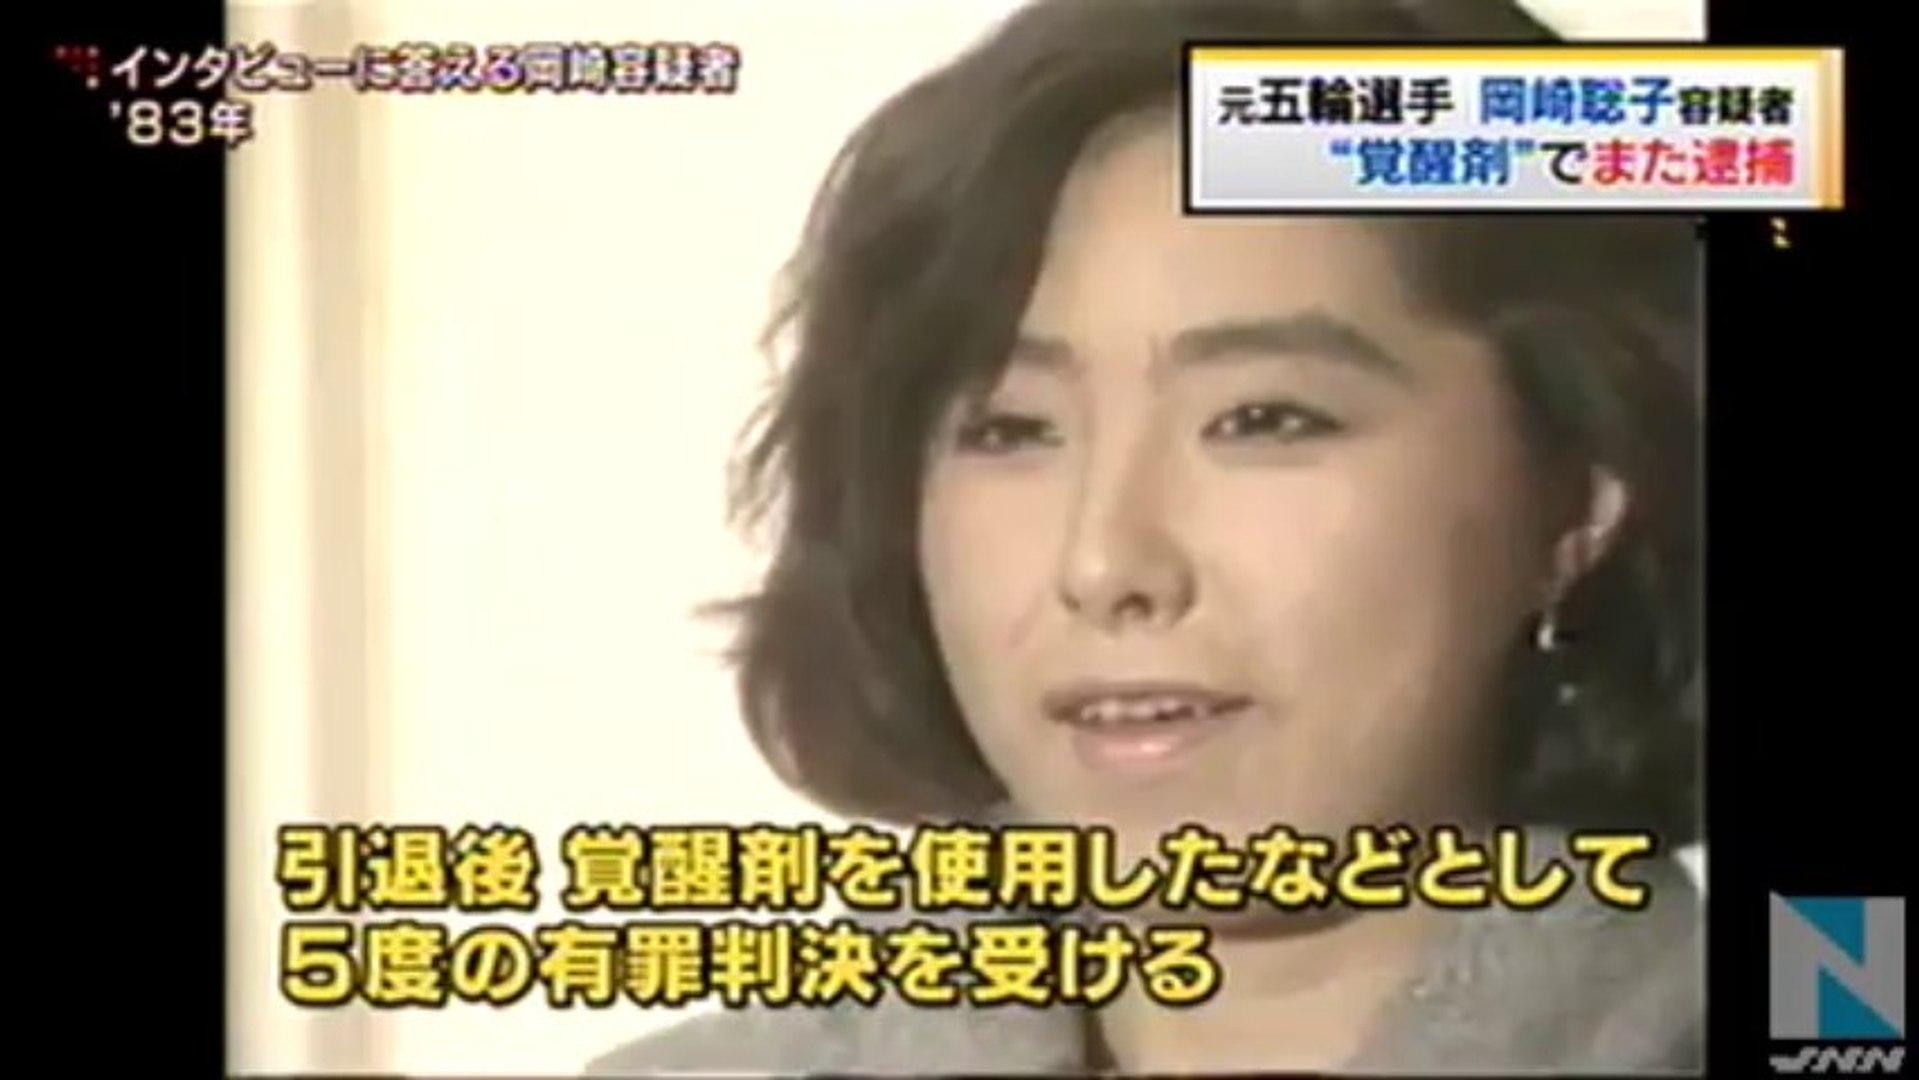 覚醒剤 岡崎 「釈放から20日で逮捕」 岡崎聡子が輝いていた頃